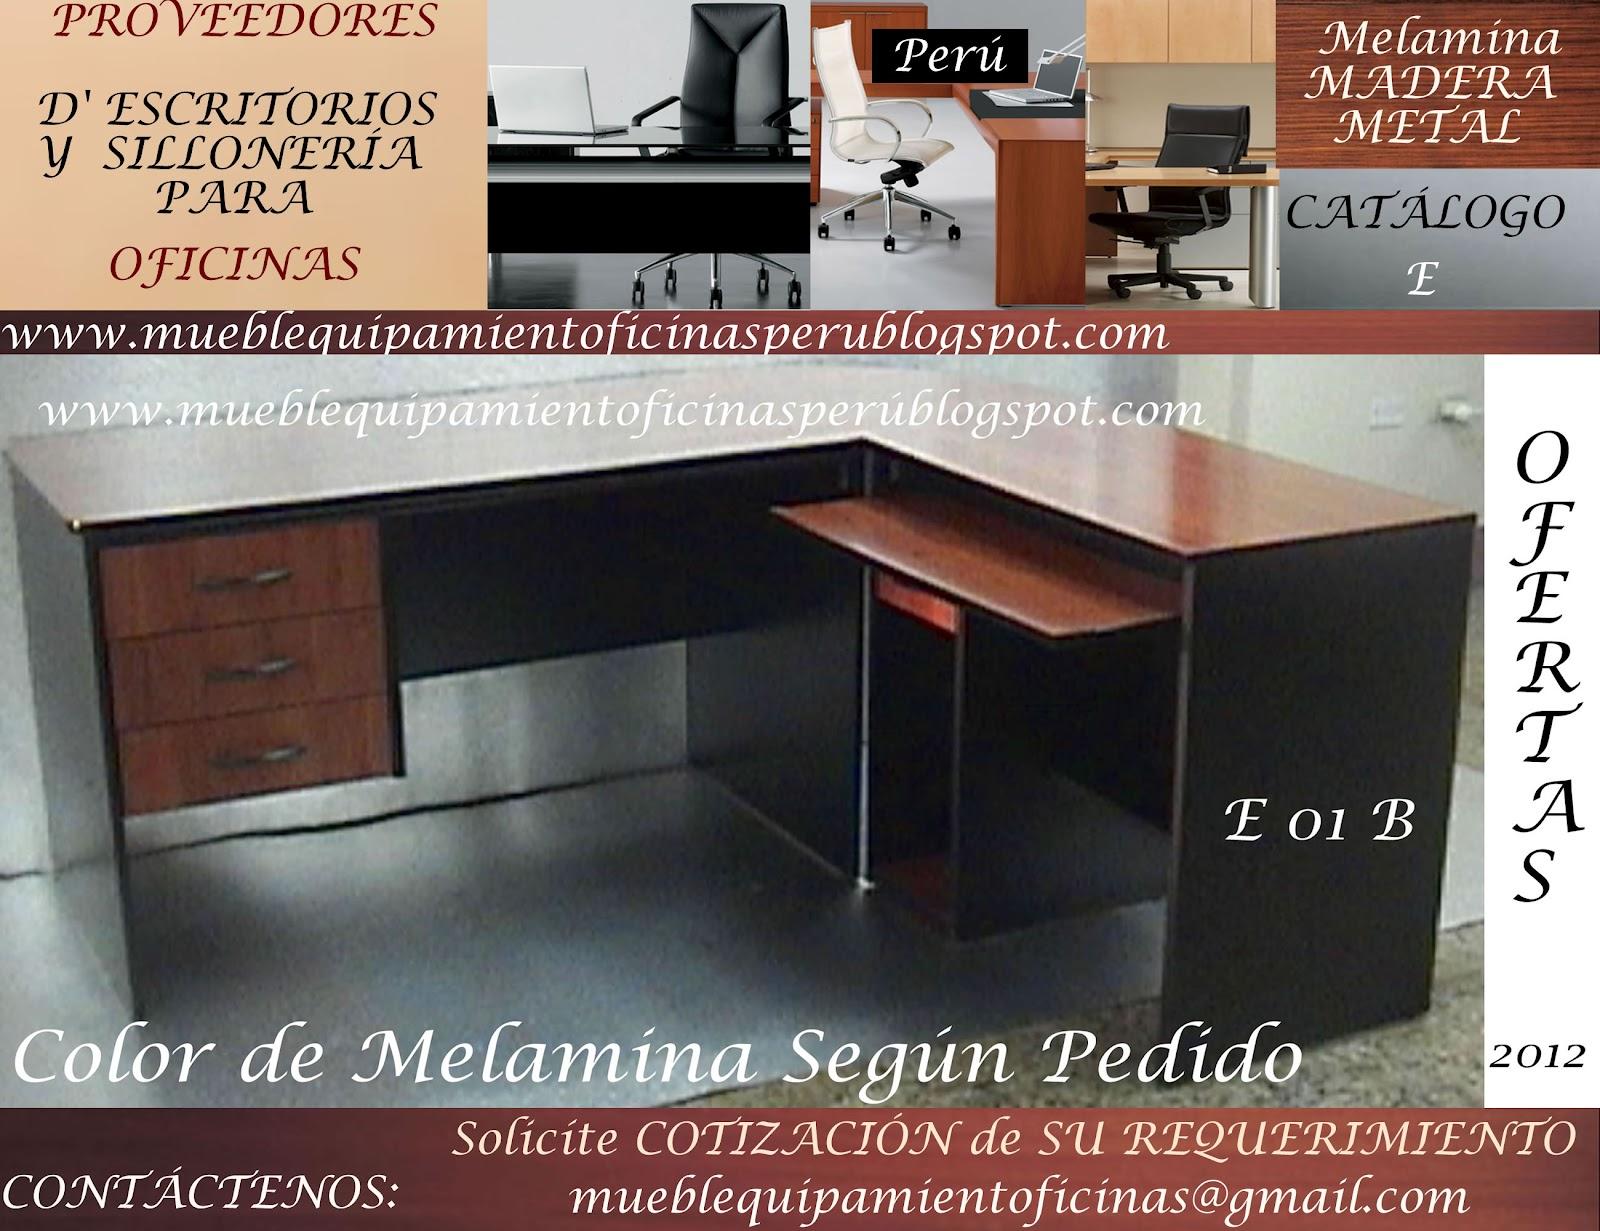 proveedores d 39 escritorios y silloner a para oficinas